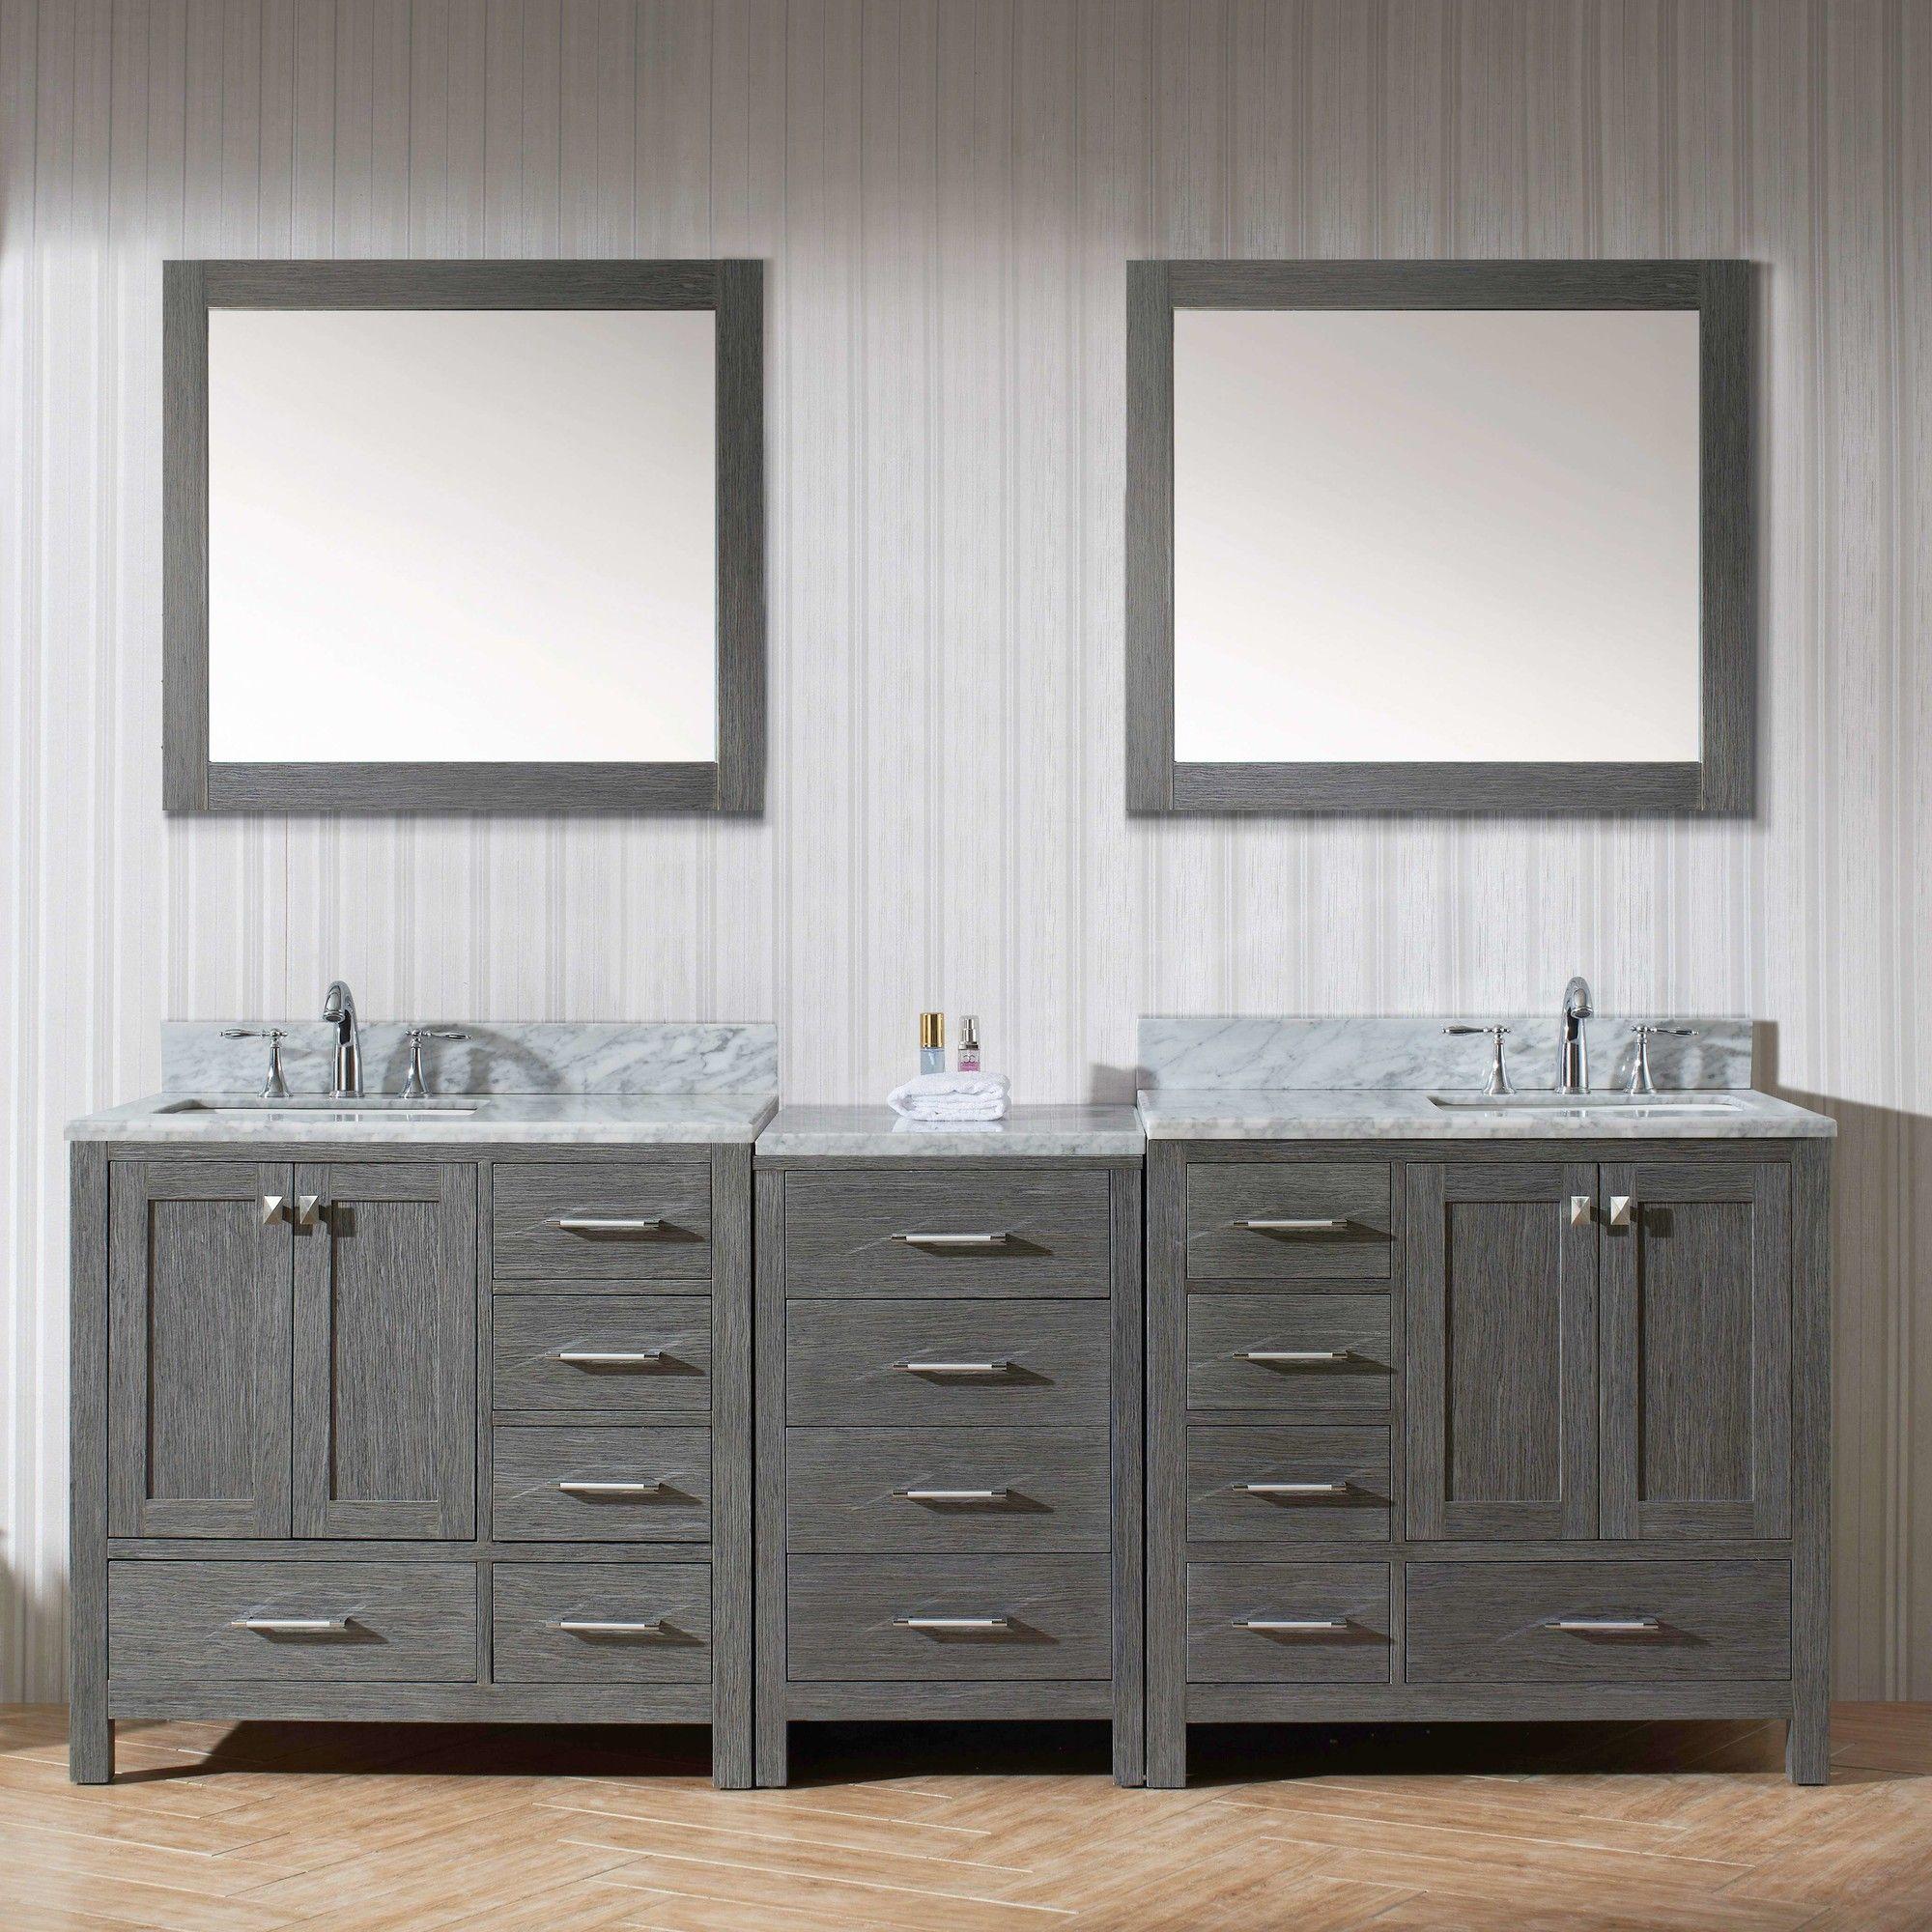 Virtu Caroline 90 Double Bathroom Vanity Cabinet Set With Mirror Bathroom Vanity Cabinets Bathroom Vanity Vanity [ 2000 x 2000 Pixel ]